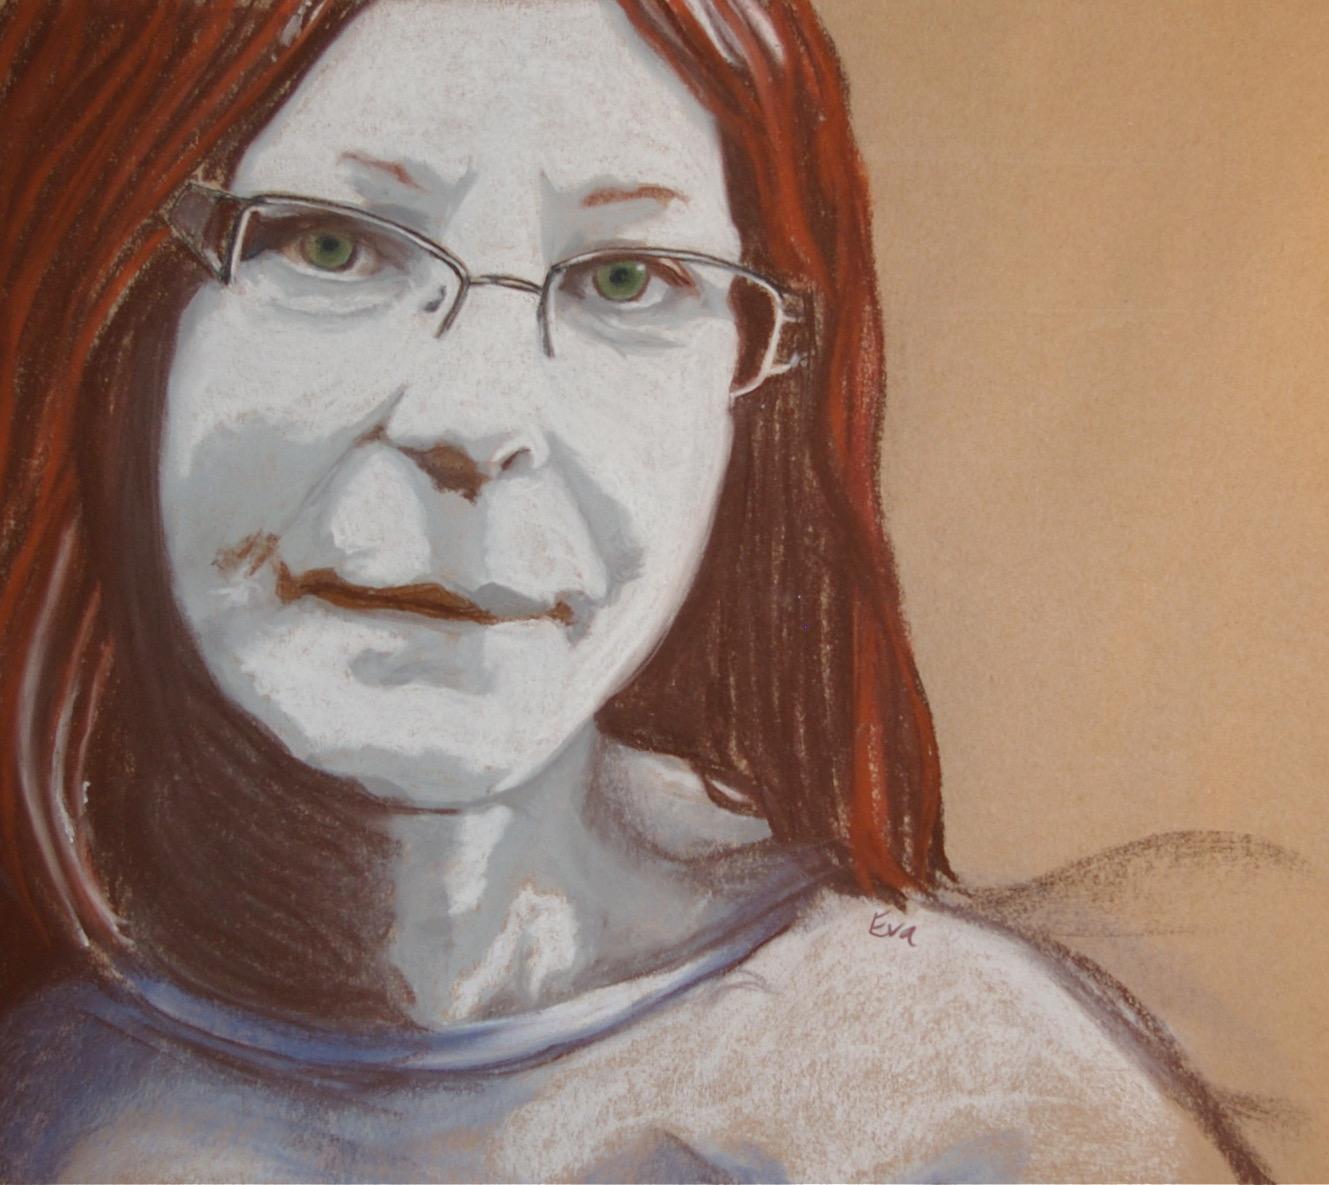 E. Smarda-Carney - Easter Sunday - Self Portrait - Adult Class